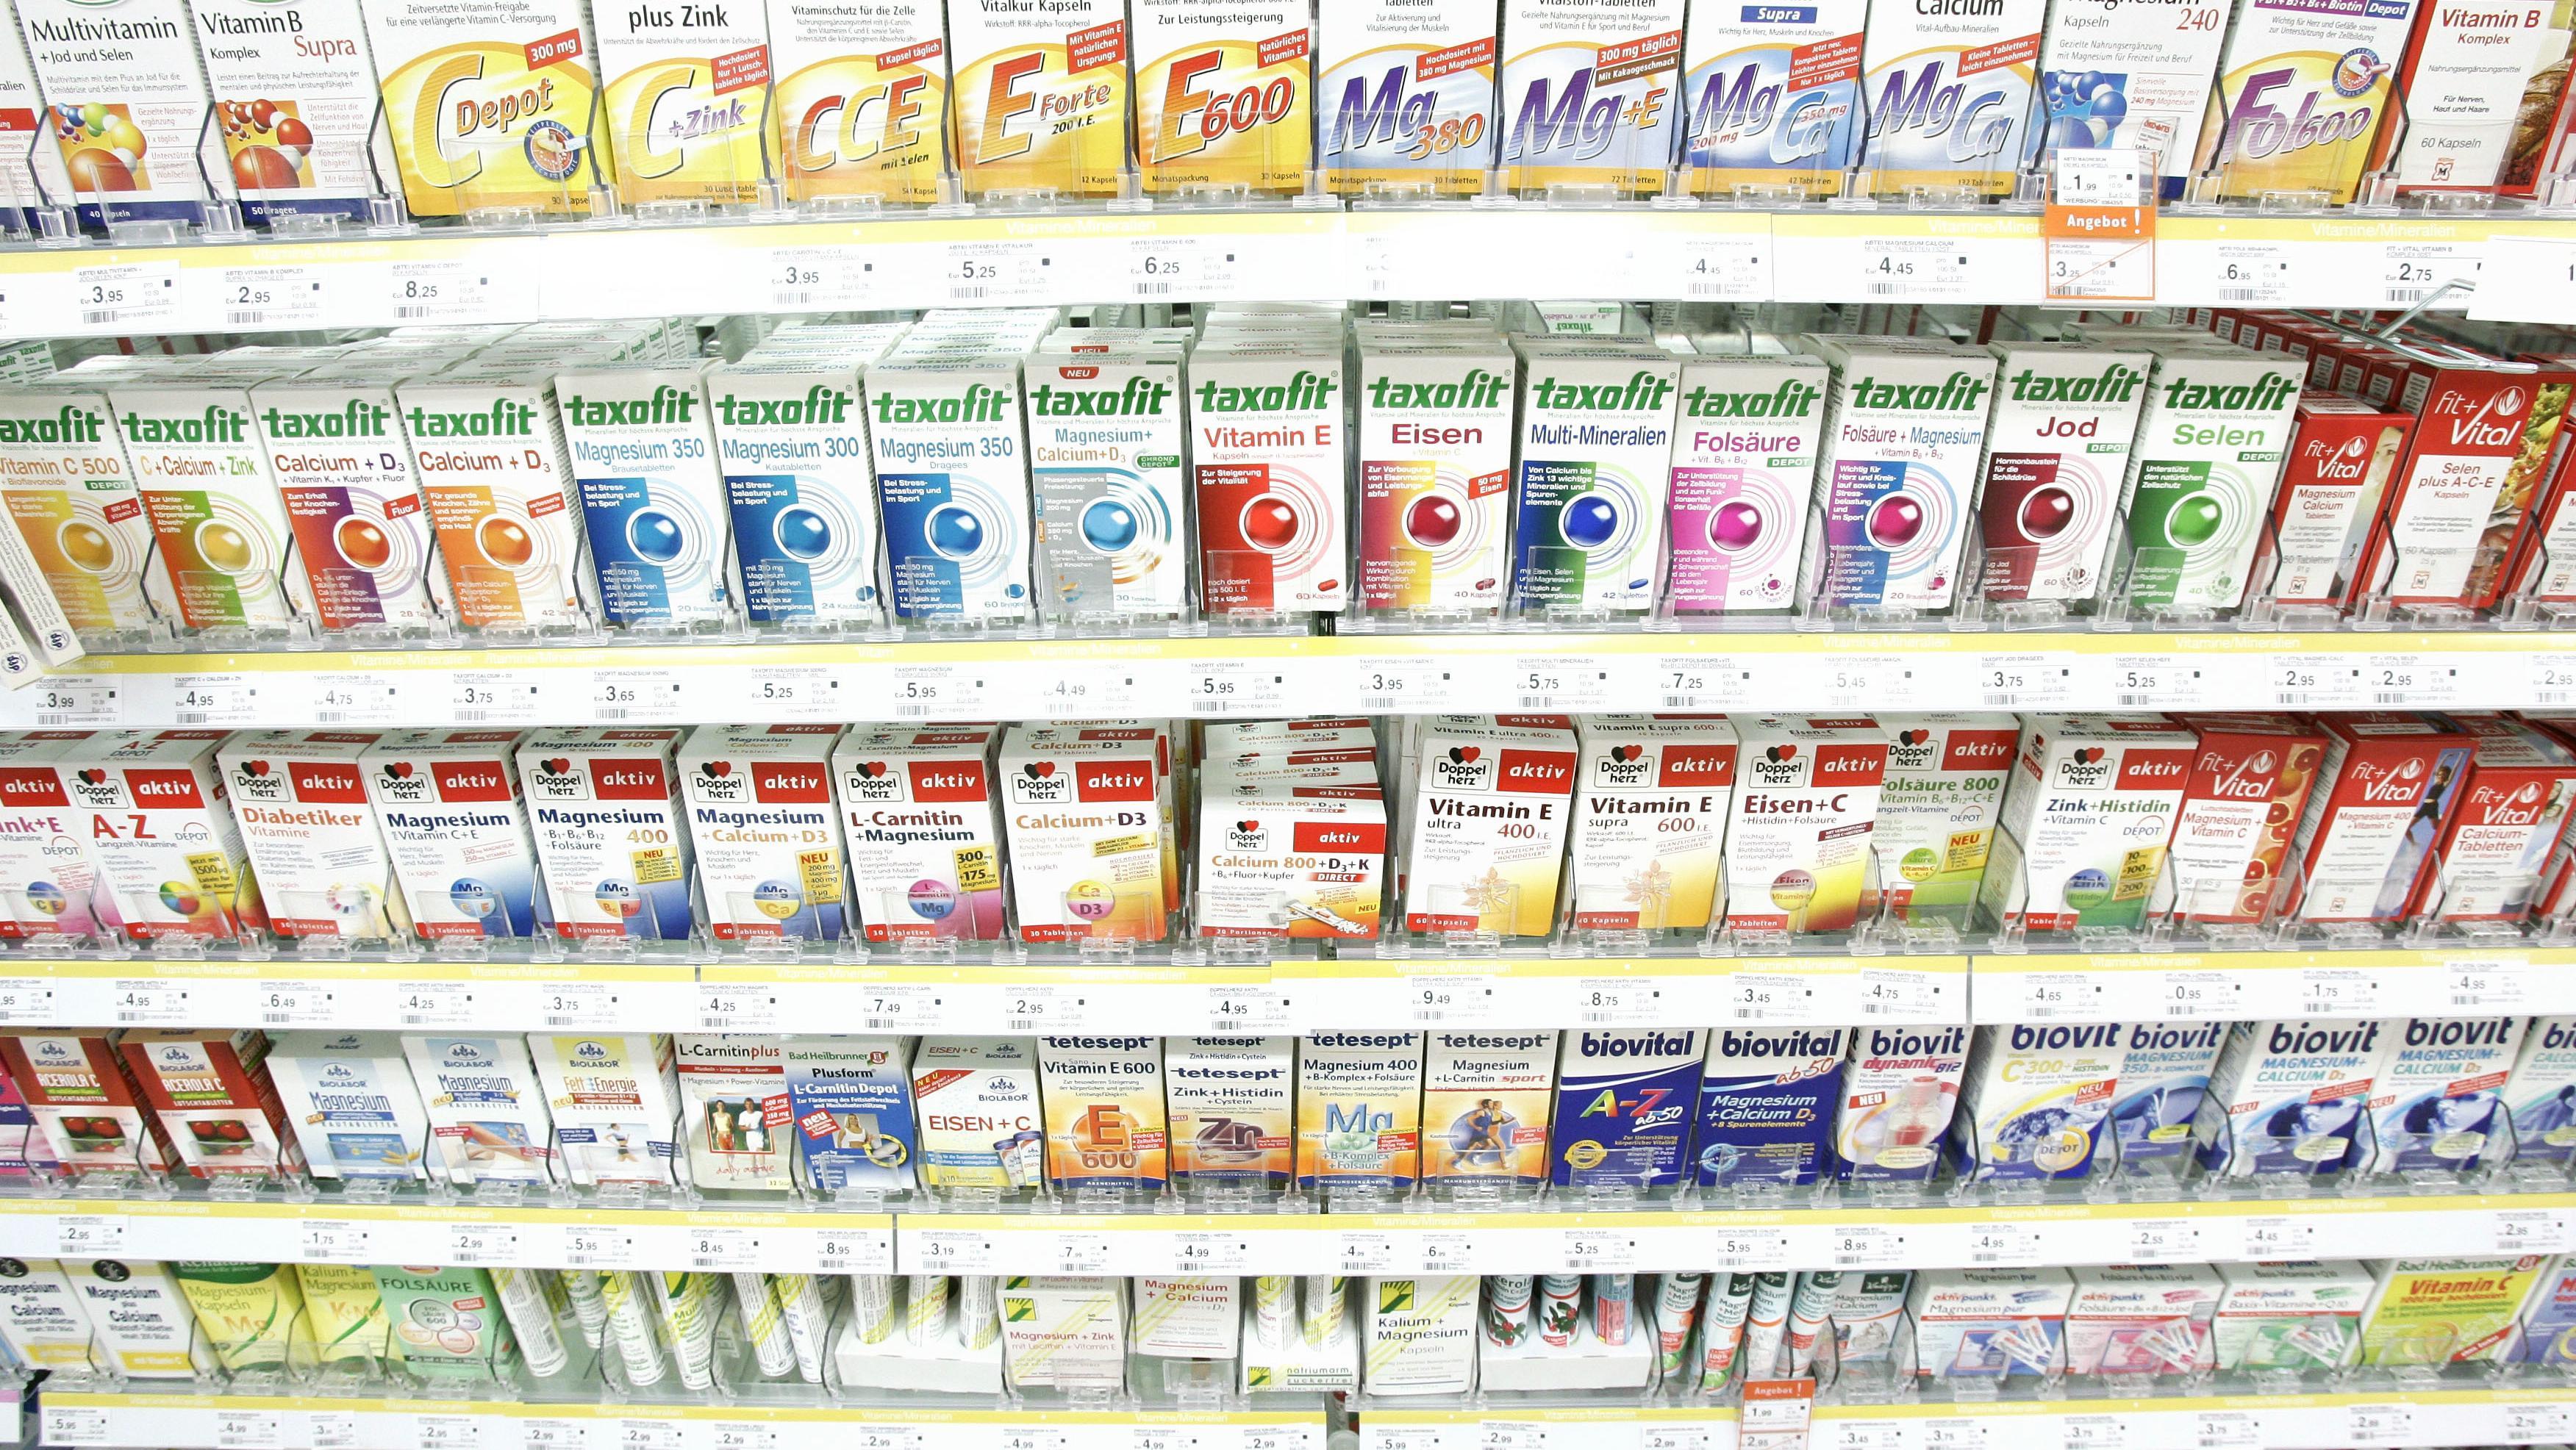 Vitaminpillen und Präparate aller Art finden sich in jedem Drogeriemarkt.